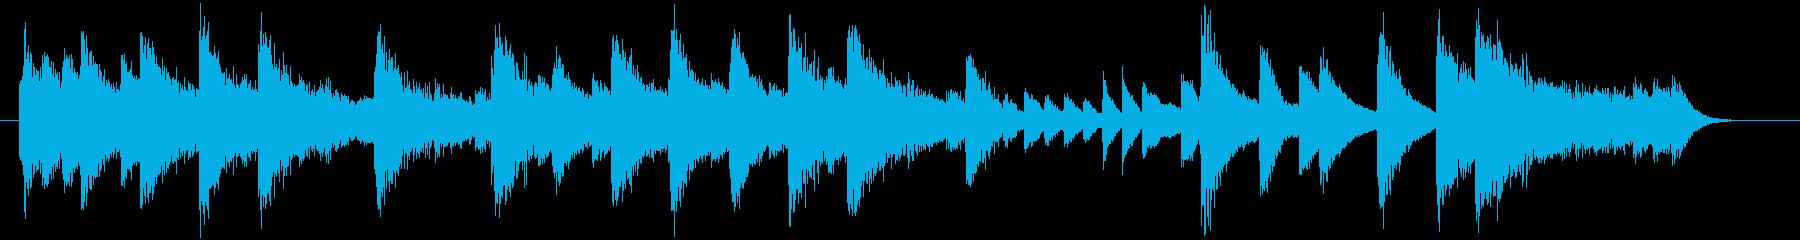 童謡・紅葉モチーフのピアノジングルCの再生済みの波形